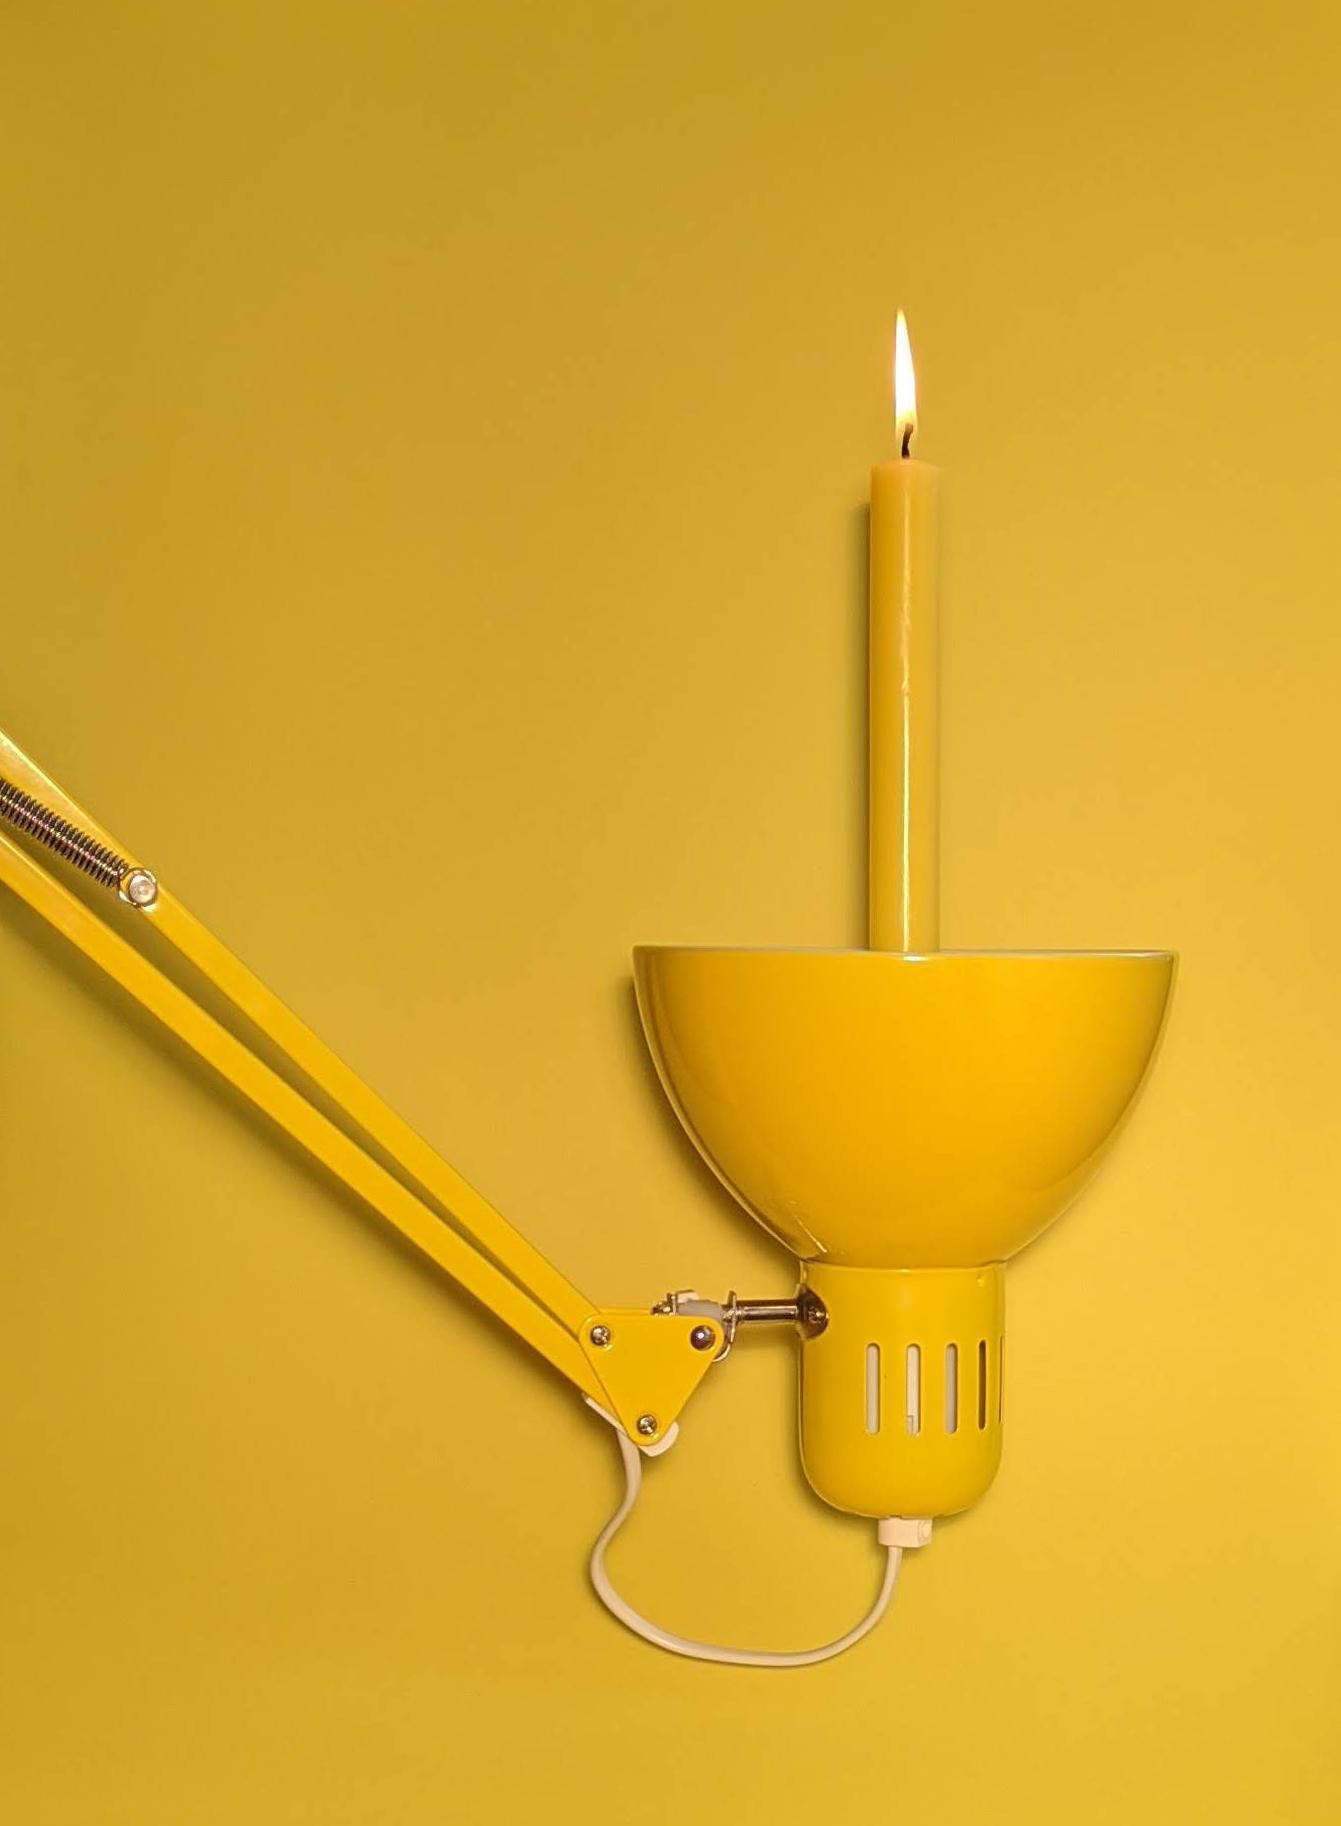 lampe gelb